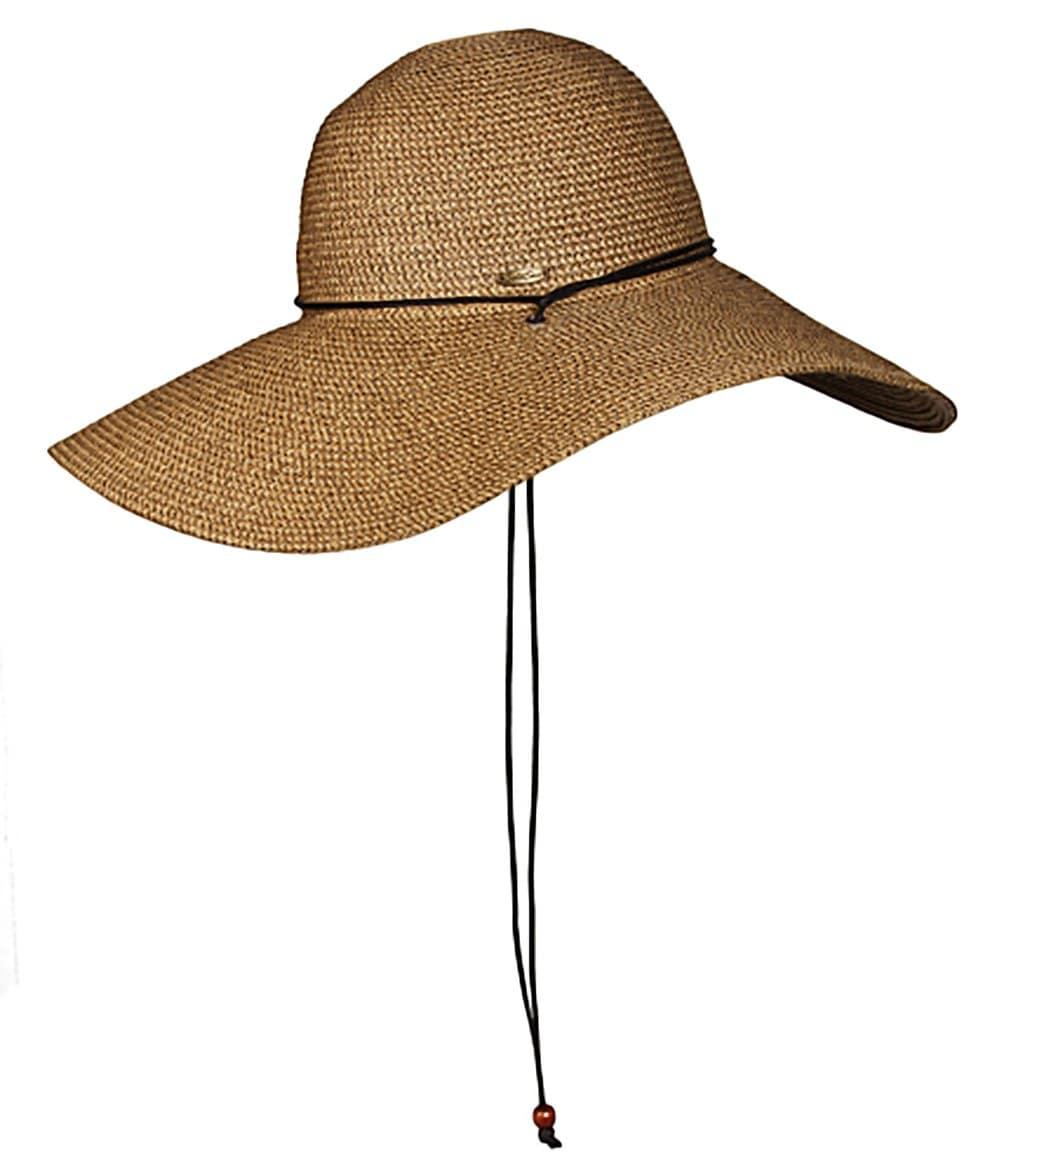 ffcb98c9b38 Sun N Sand Sahara Sun Straw Hat at SwimOutlet.com